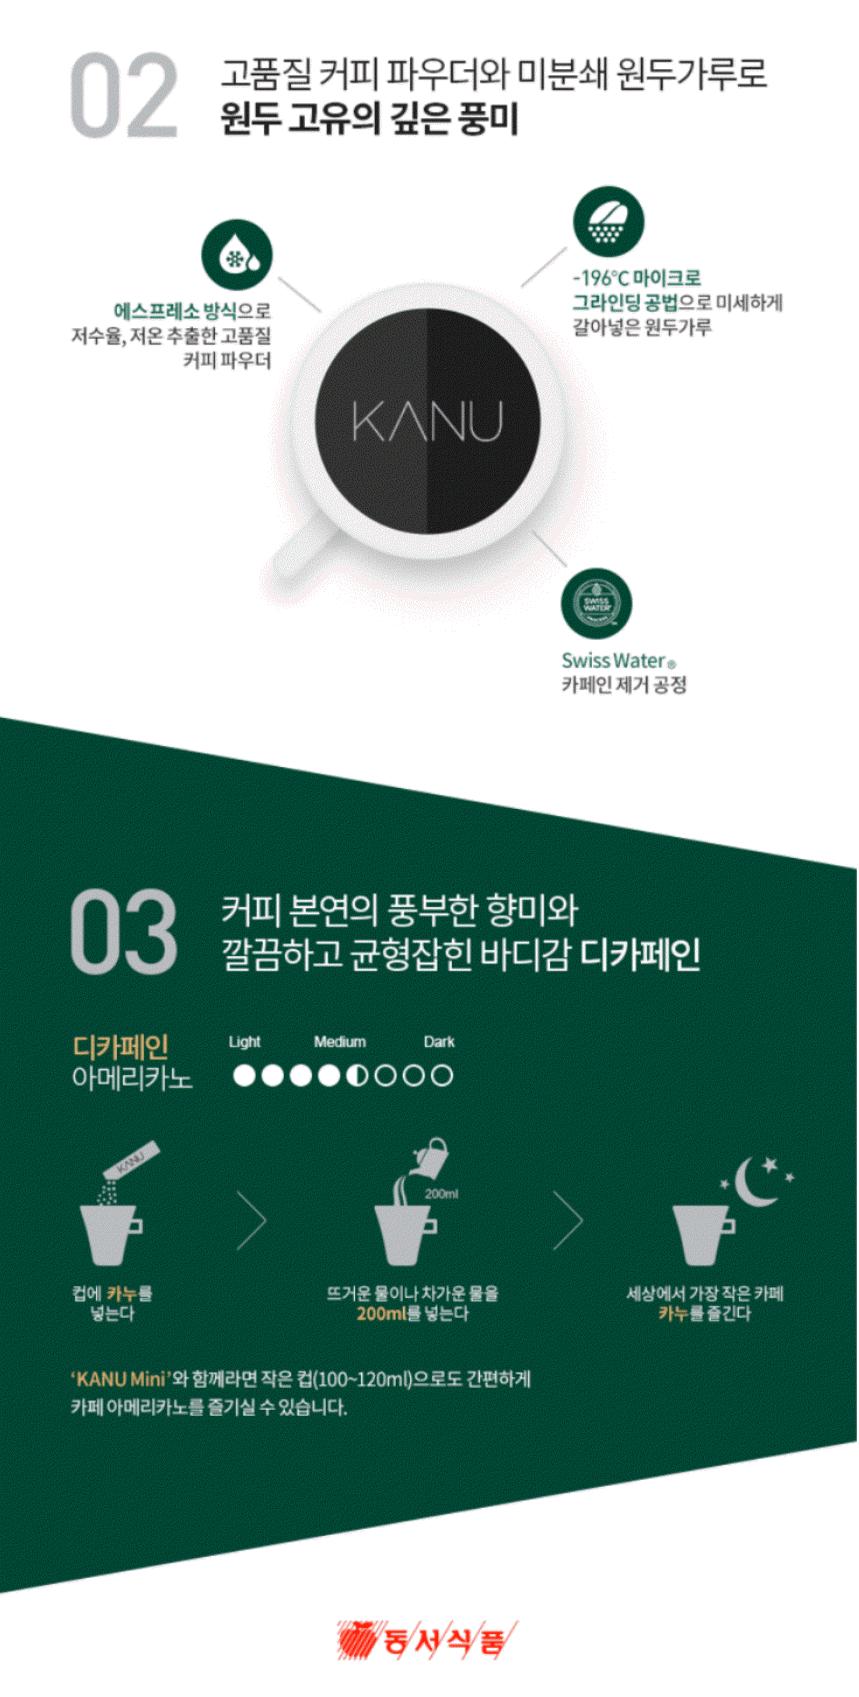 [동서식품]카누 디카페인셀링2.png